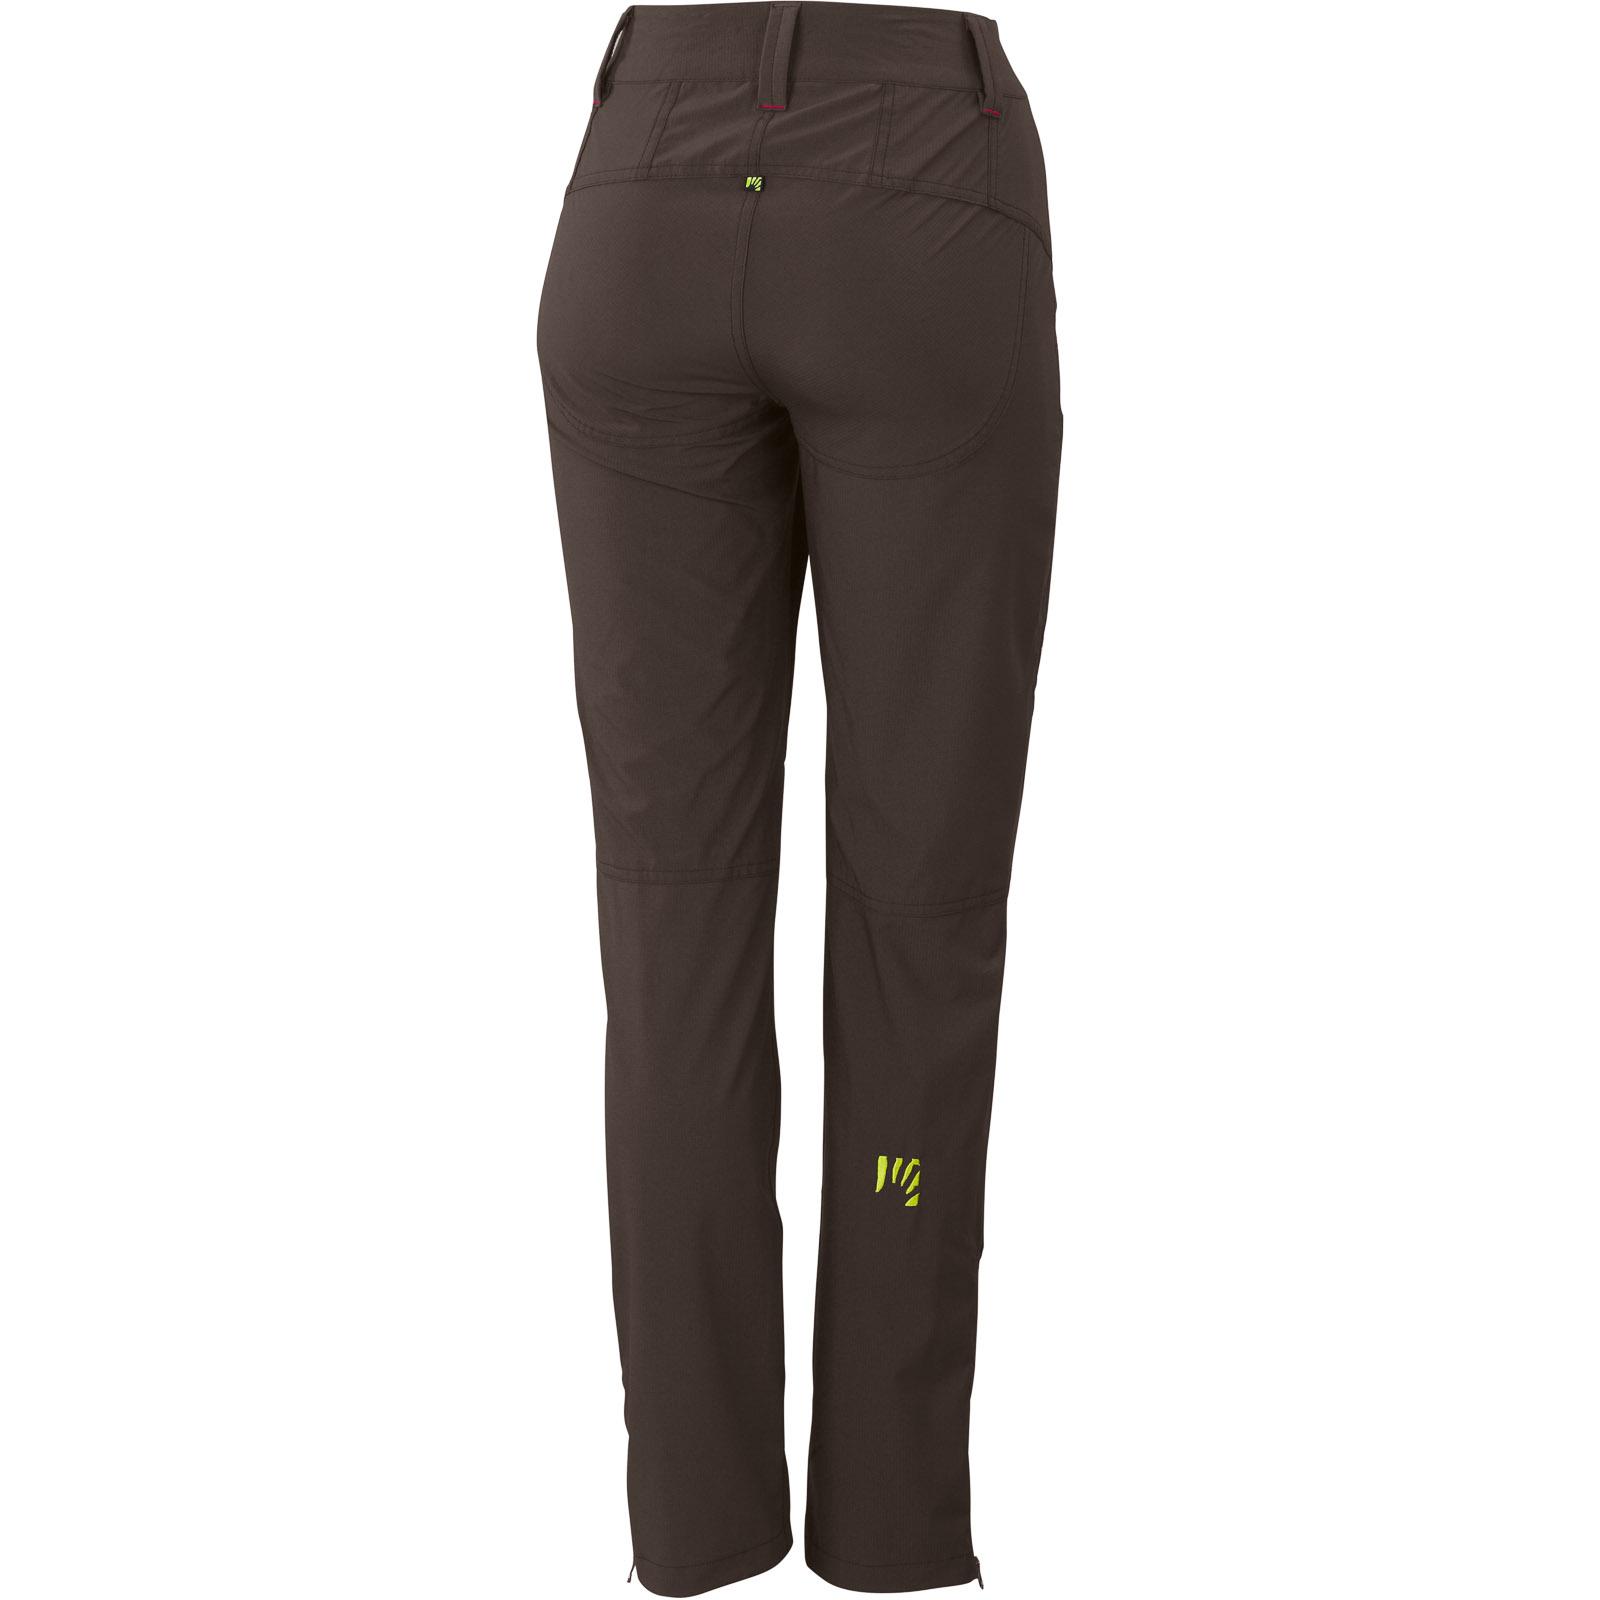 974af88a62be Karpos TREKK EVO dámske nohavice hnedé. Pre absolútny zážitok prosím  použite prehliadač s javascriptom